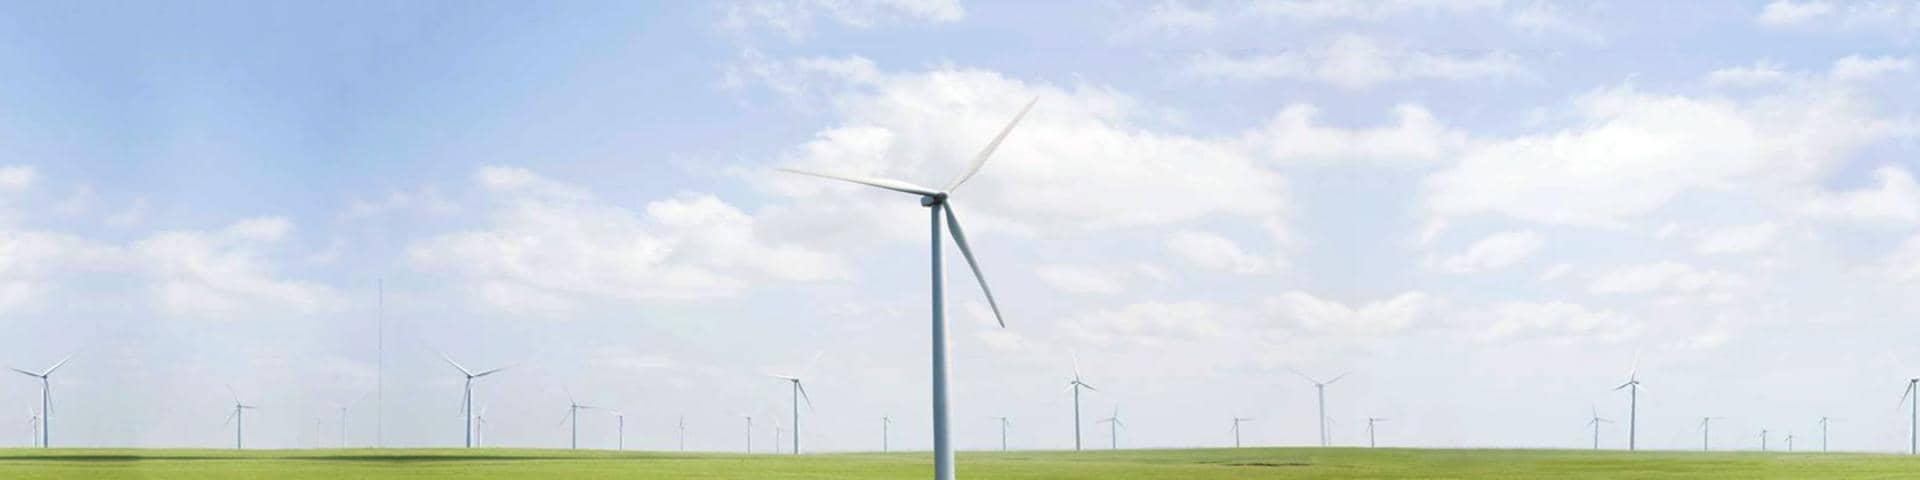 wind turbine green energy db schenker